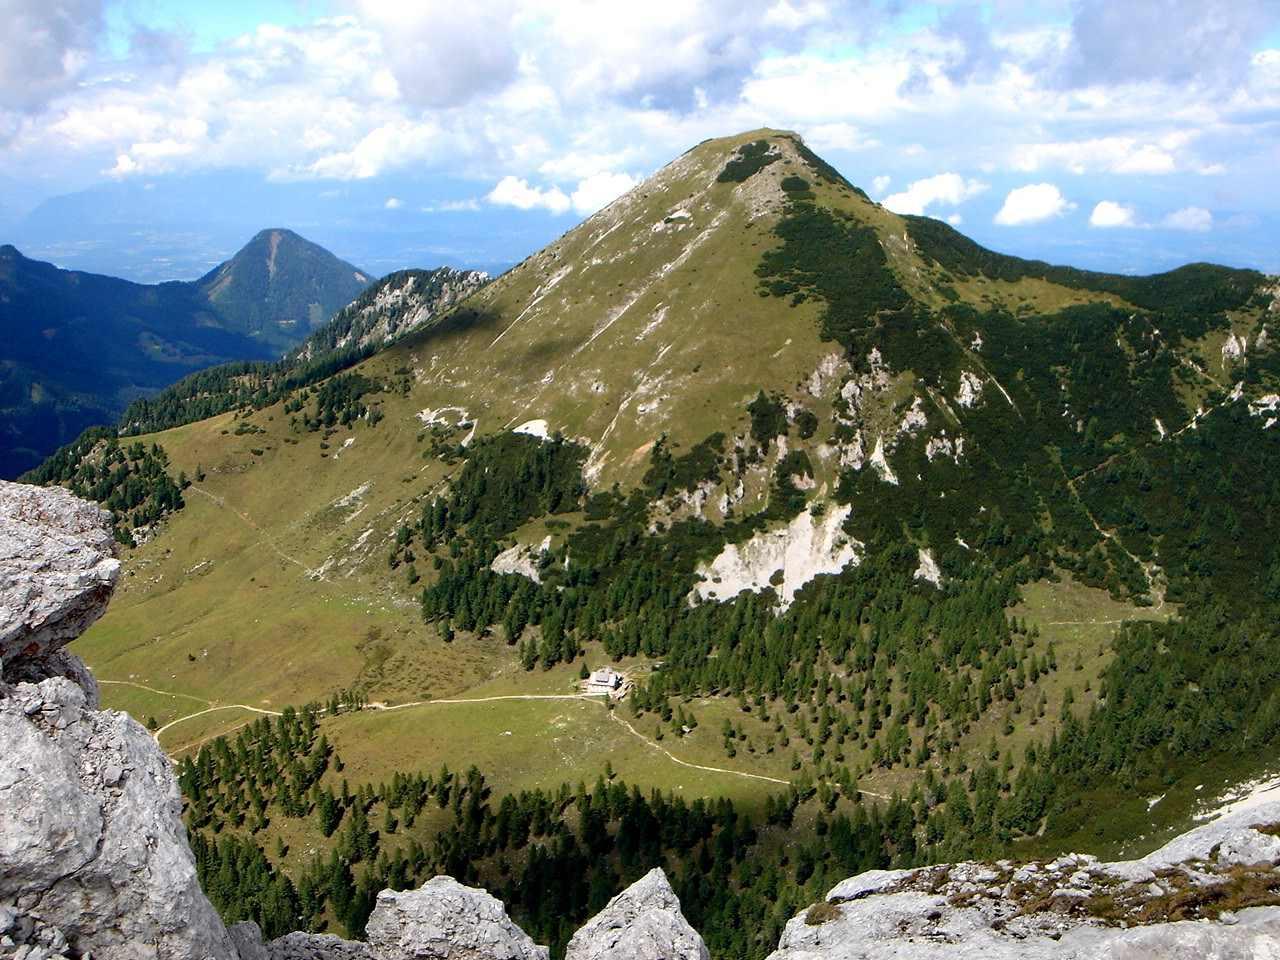 Foto: Manfred Karl / Wander Tour / Über die Klagenfurter Hütte auf den Geißberg / Der Kosiak - ein schön geformter Kegel / 20.06.2007 18:06:16